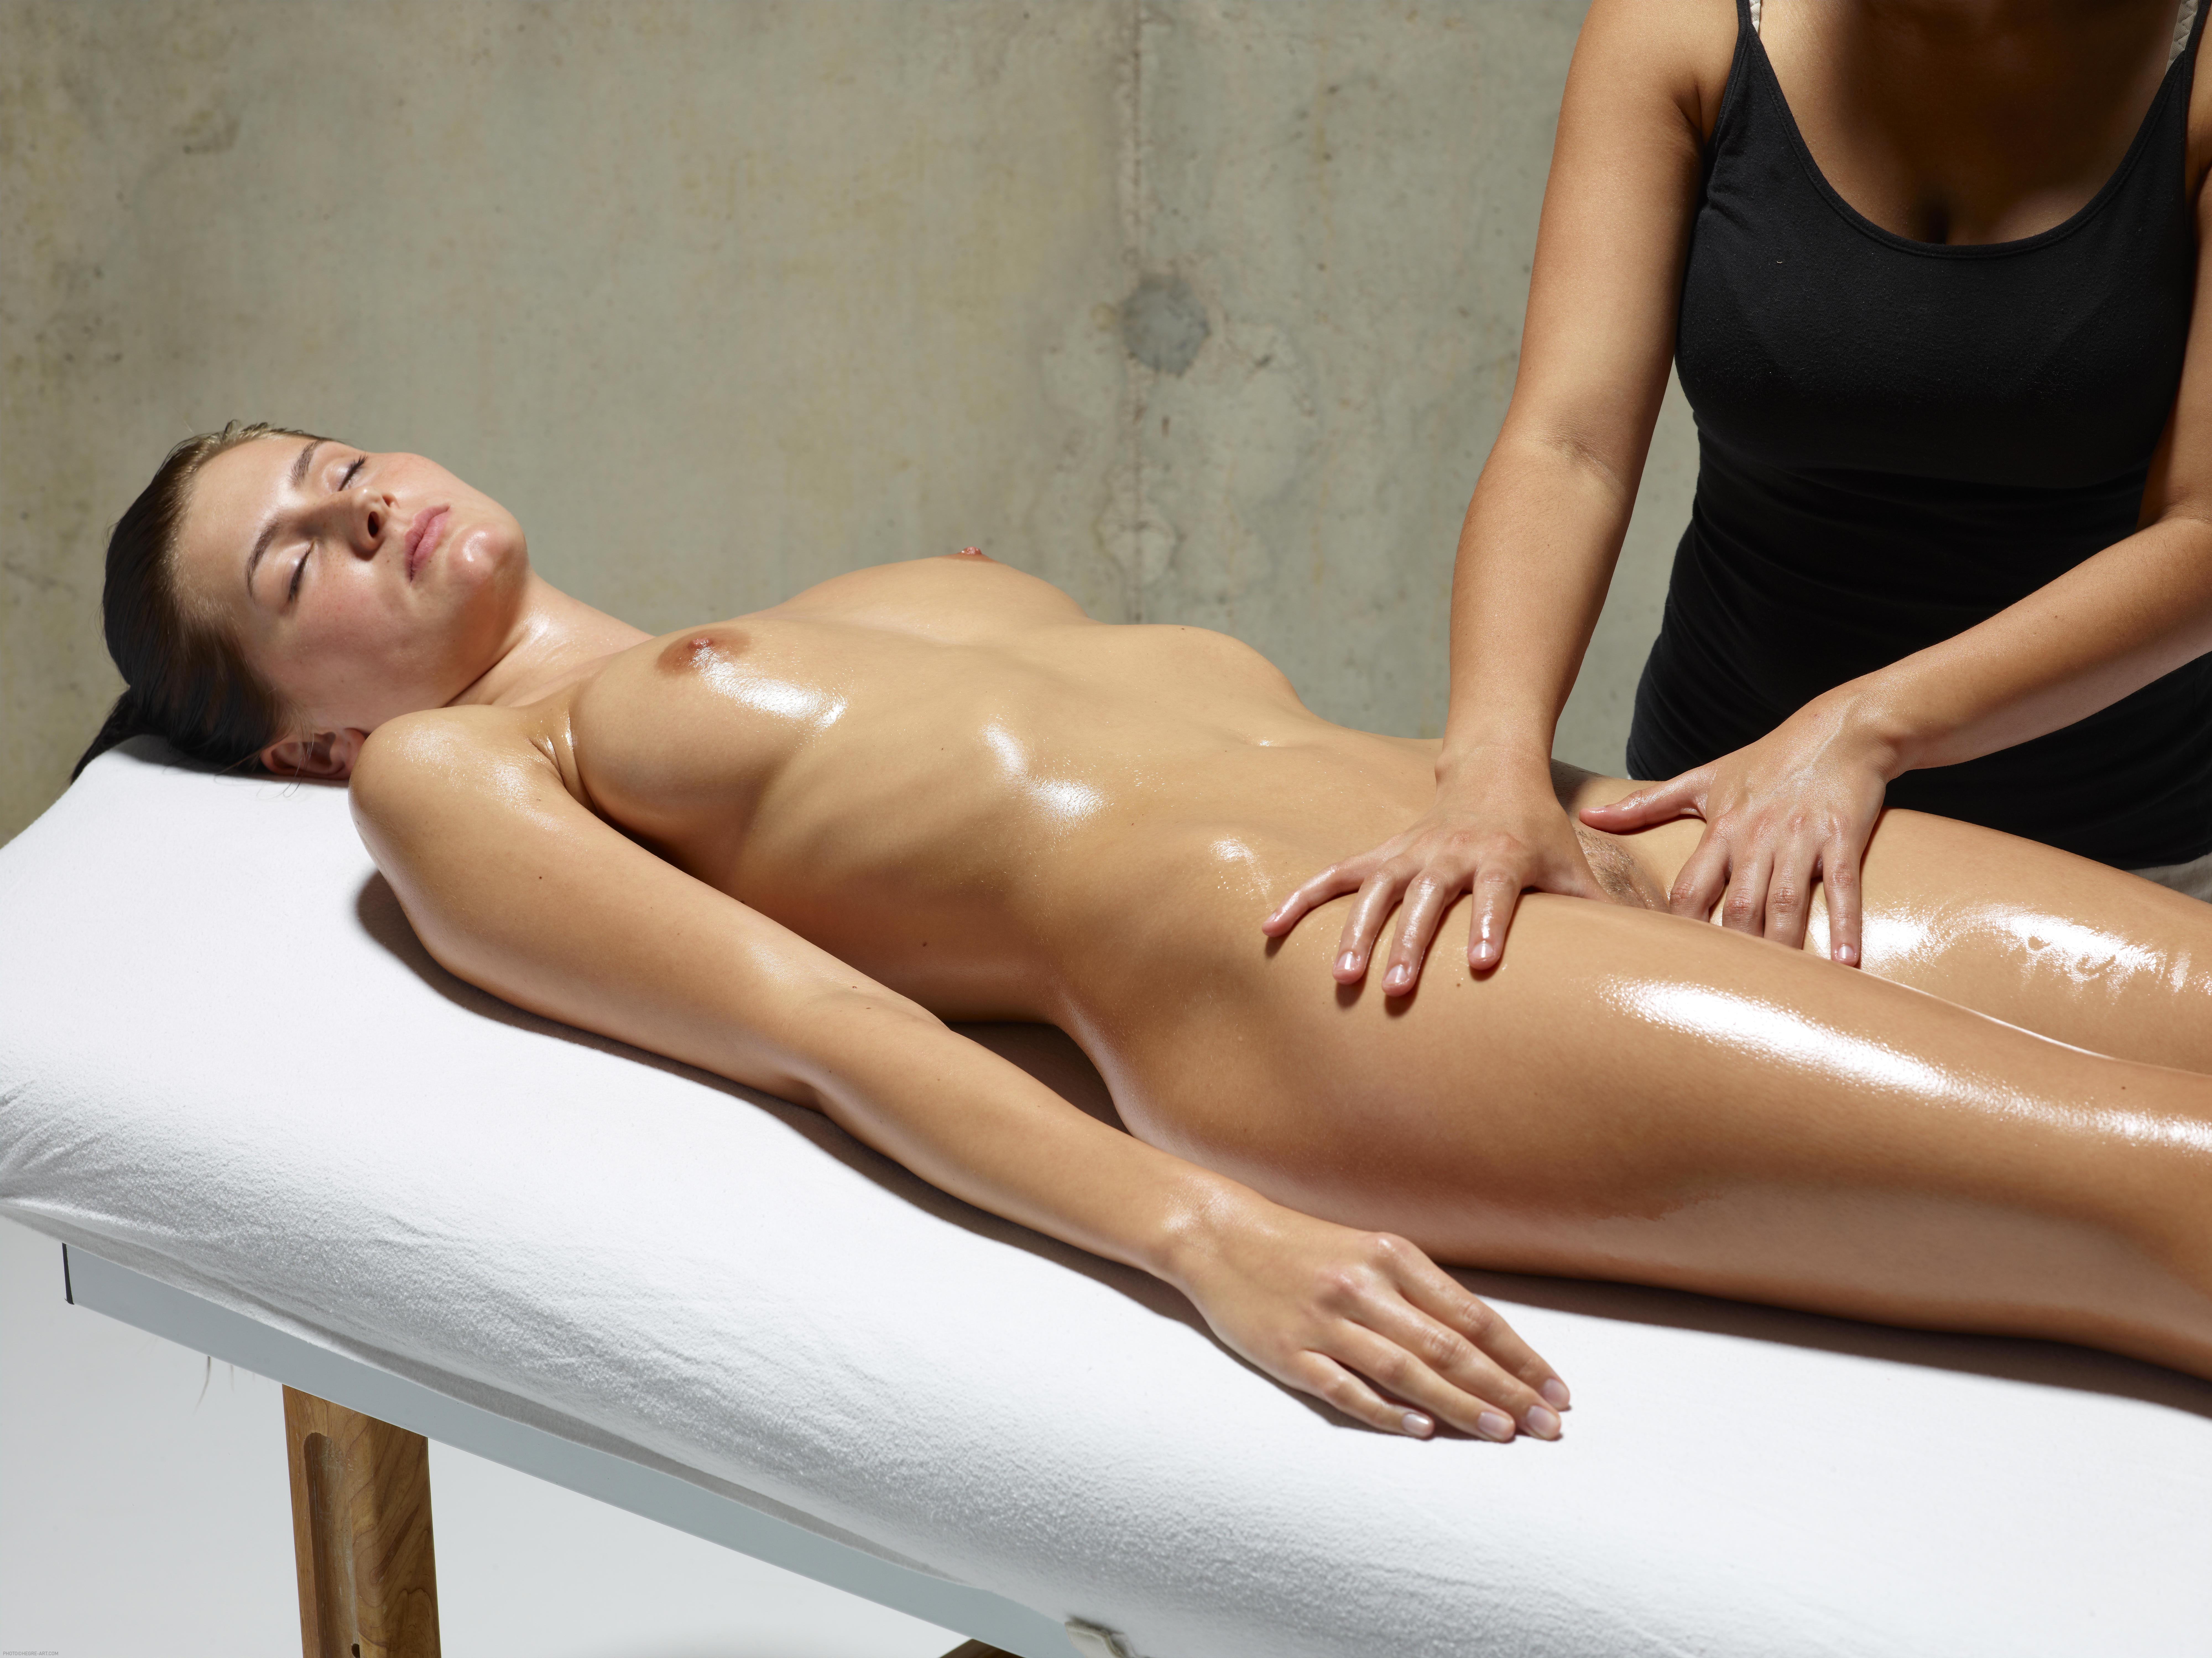 salon-eroticheskogo-massazha-dlya-zhenshin